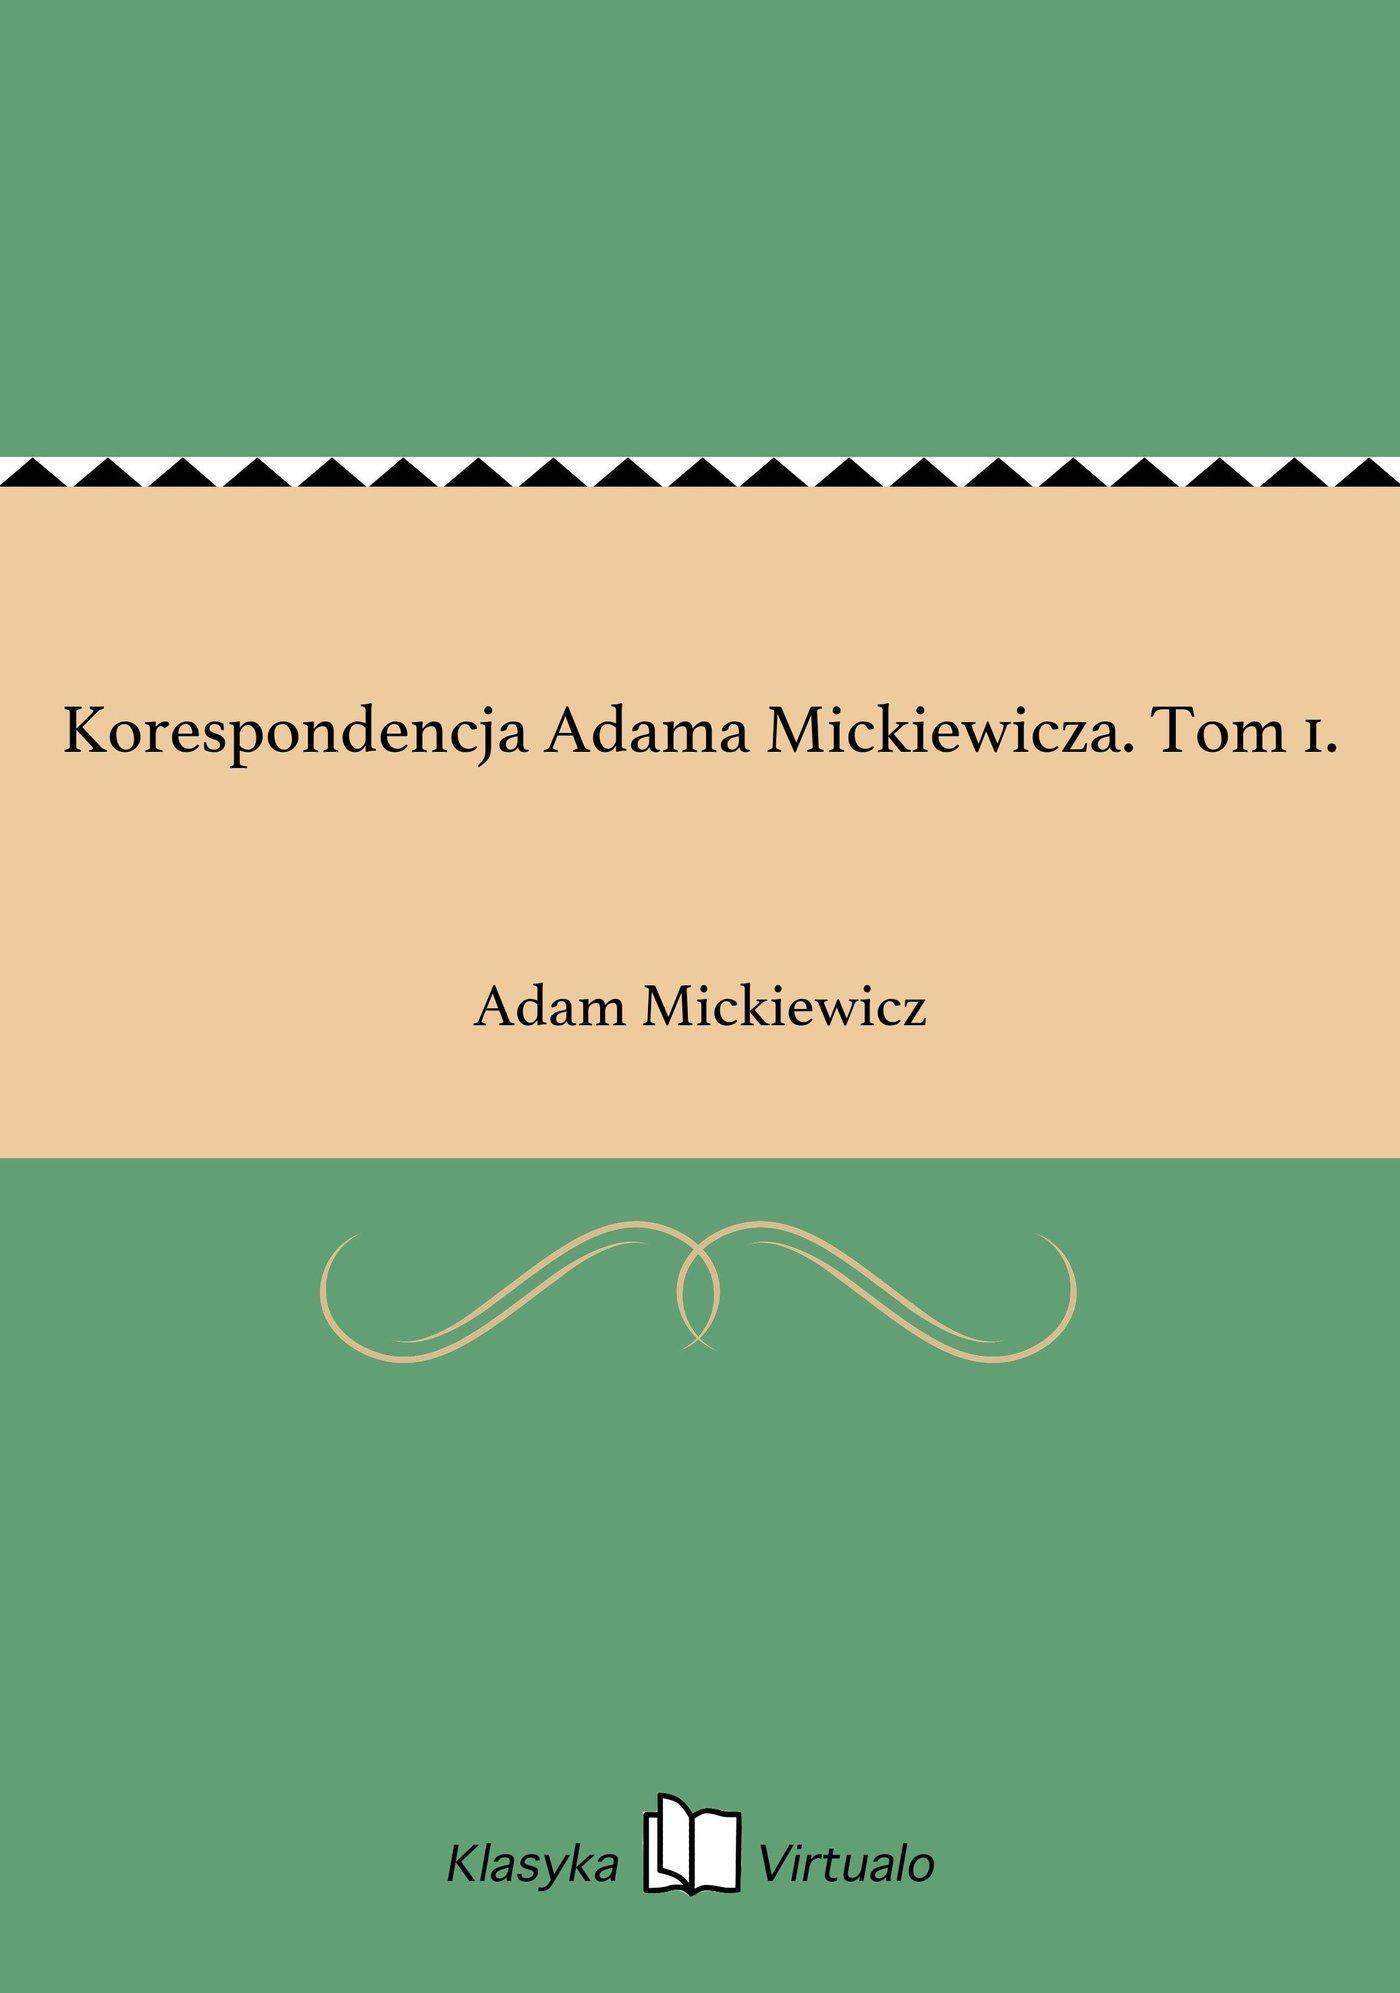 Korespondencja Adama Mickiewicza. Tom 1. - Ebook (Książka na Kindle) do pobrania w formacie MOBI